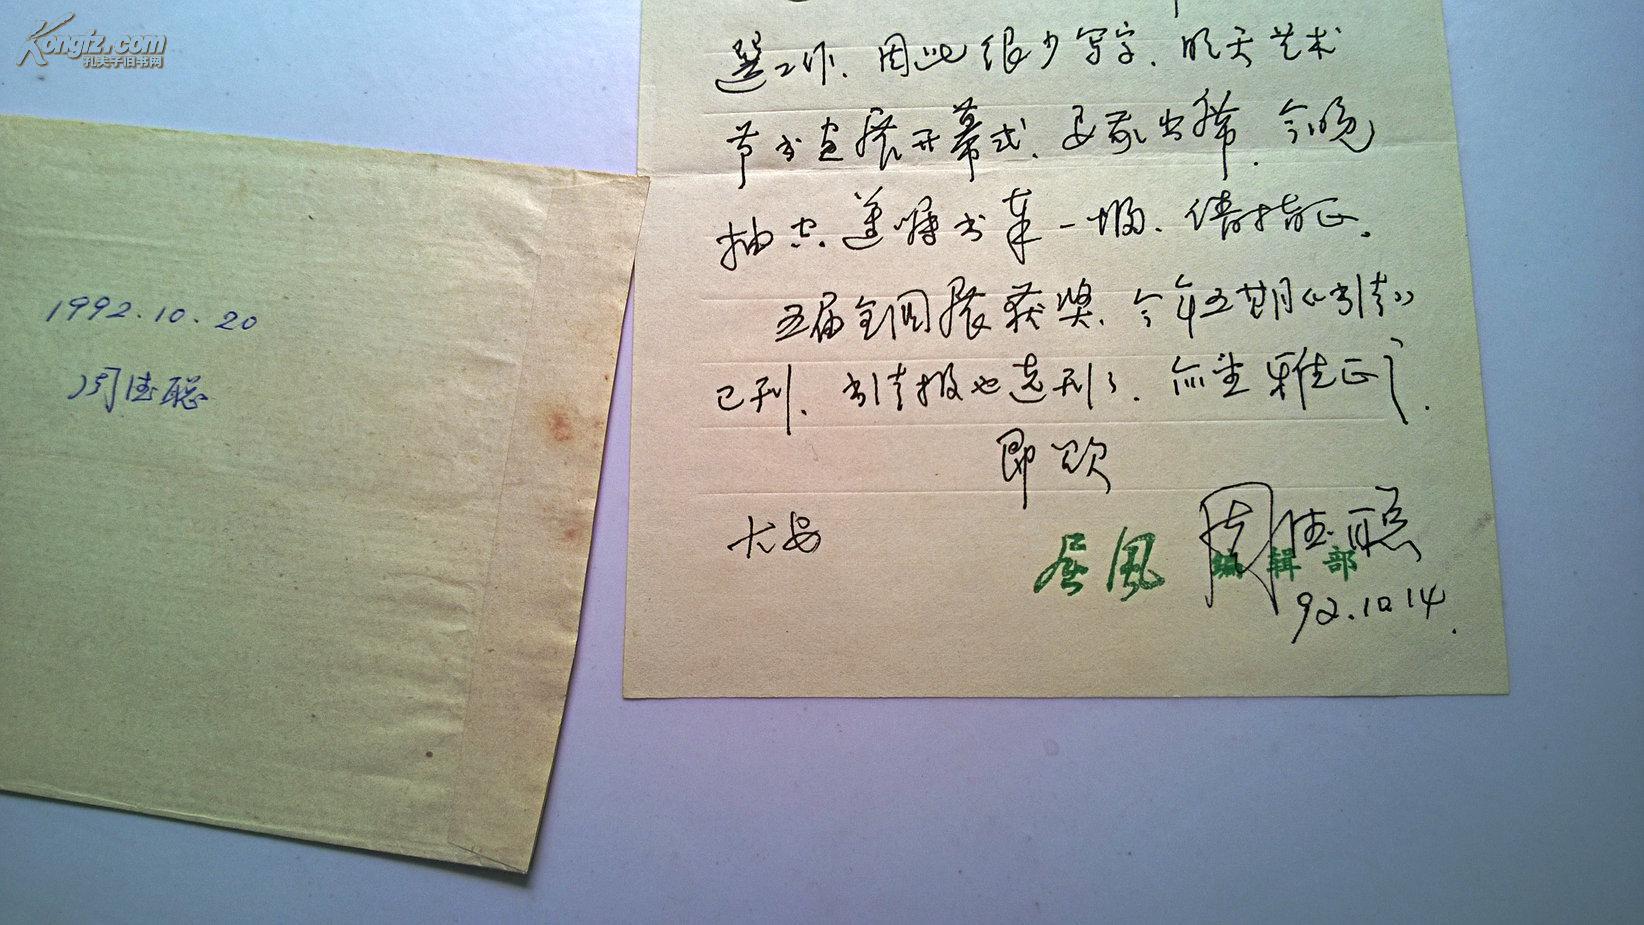 赵志刚先生上款信札之506 周德聪先生手札 当代著名书法家